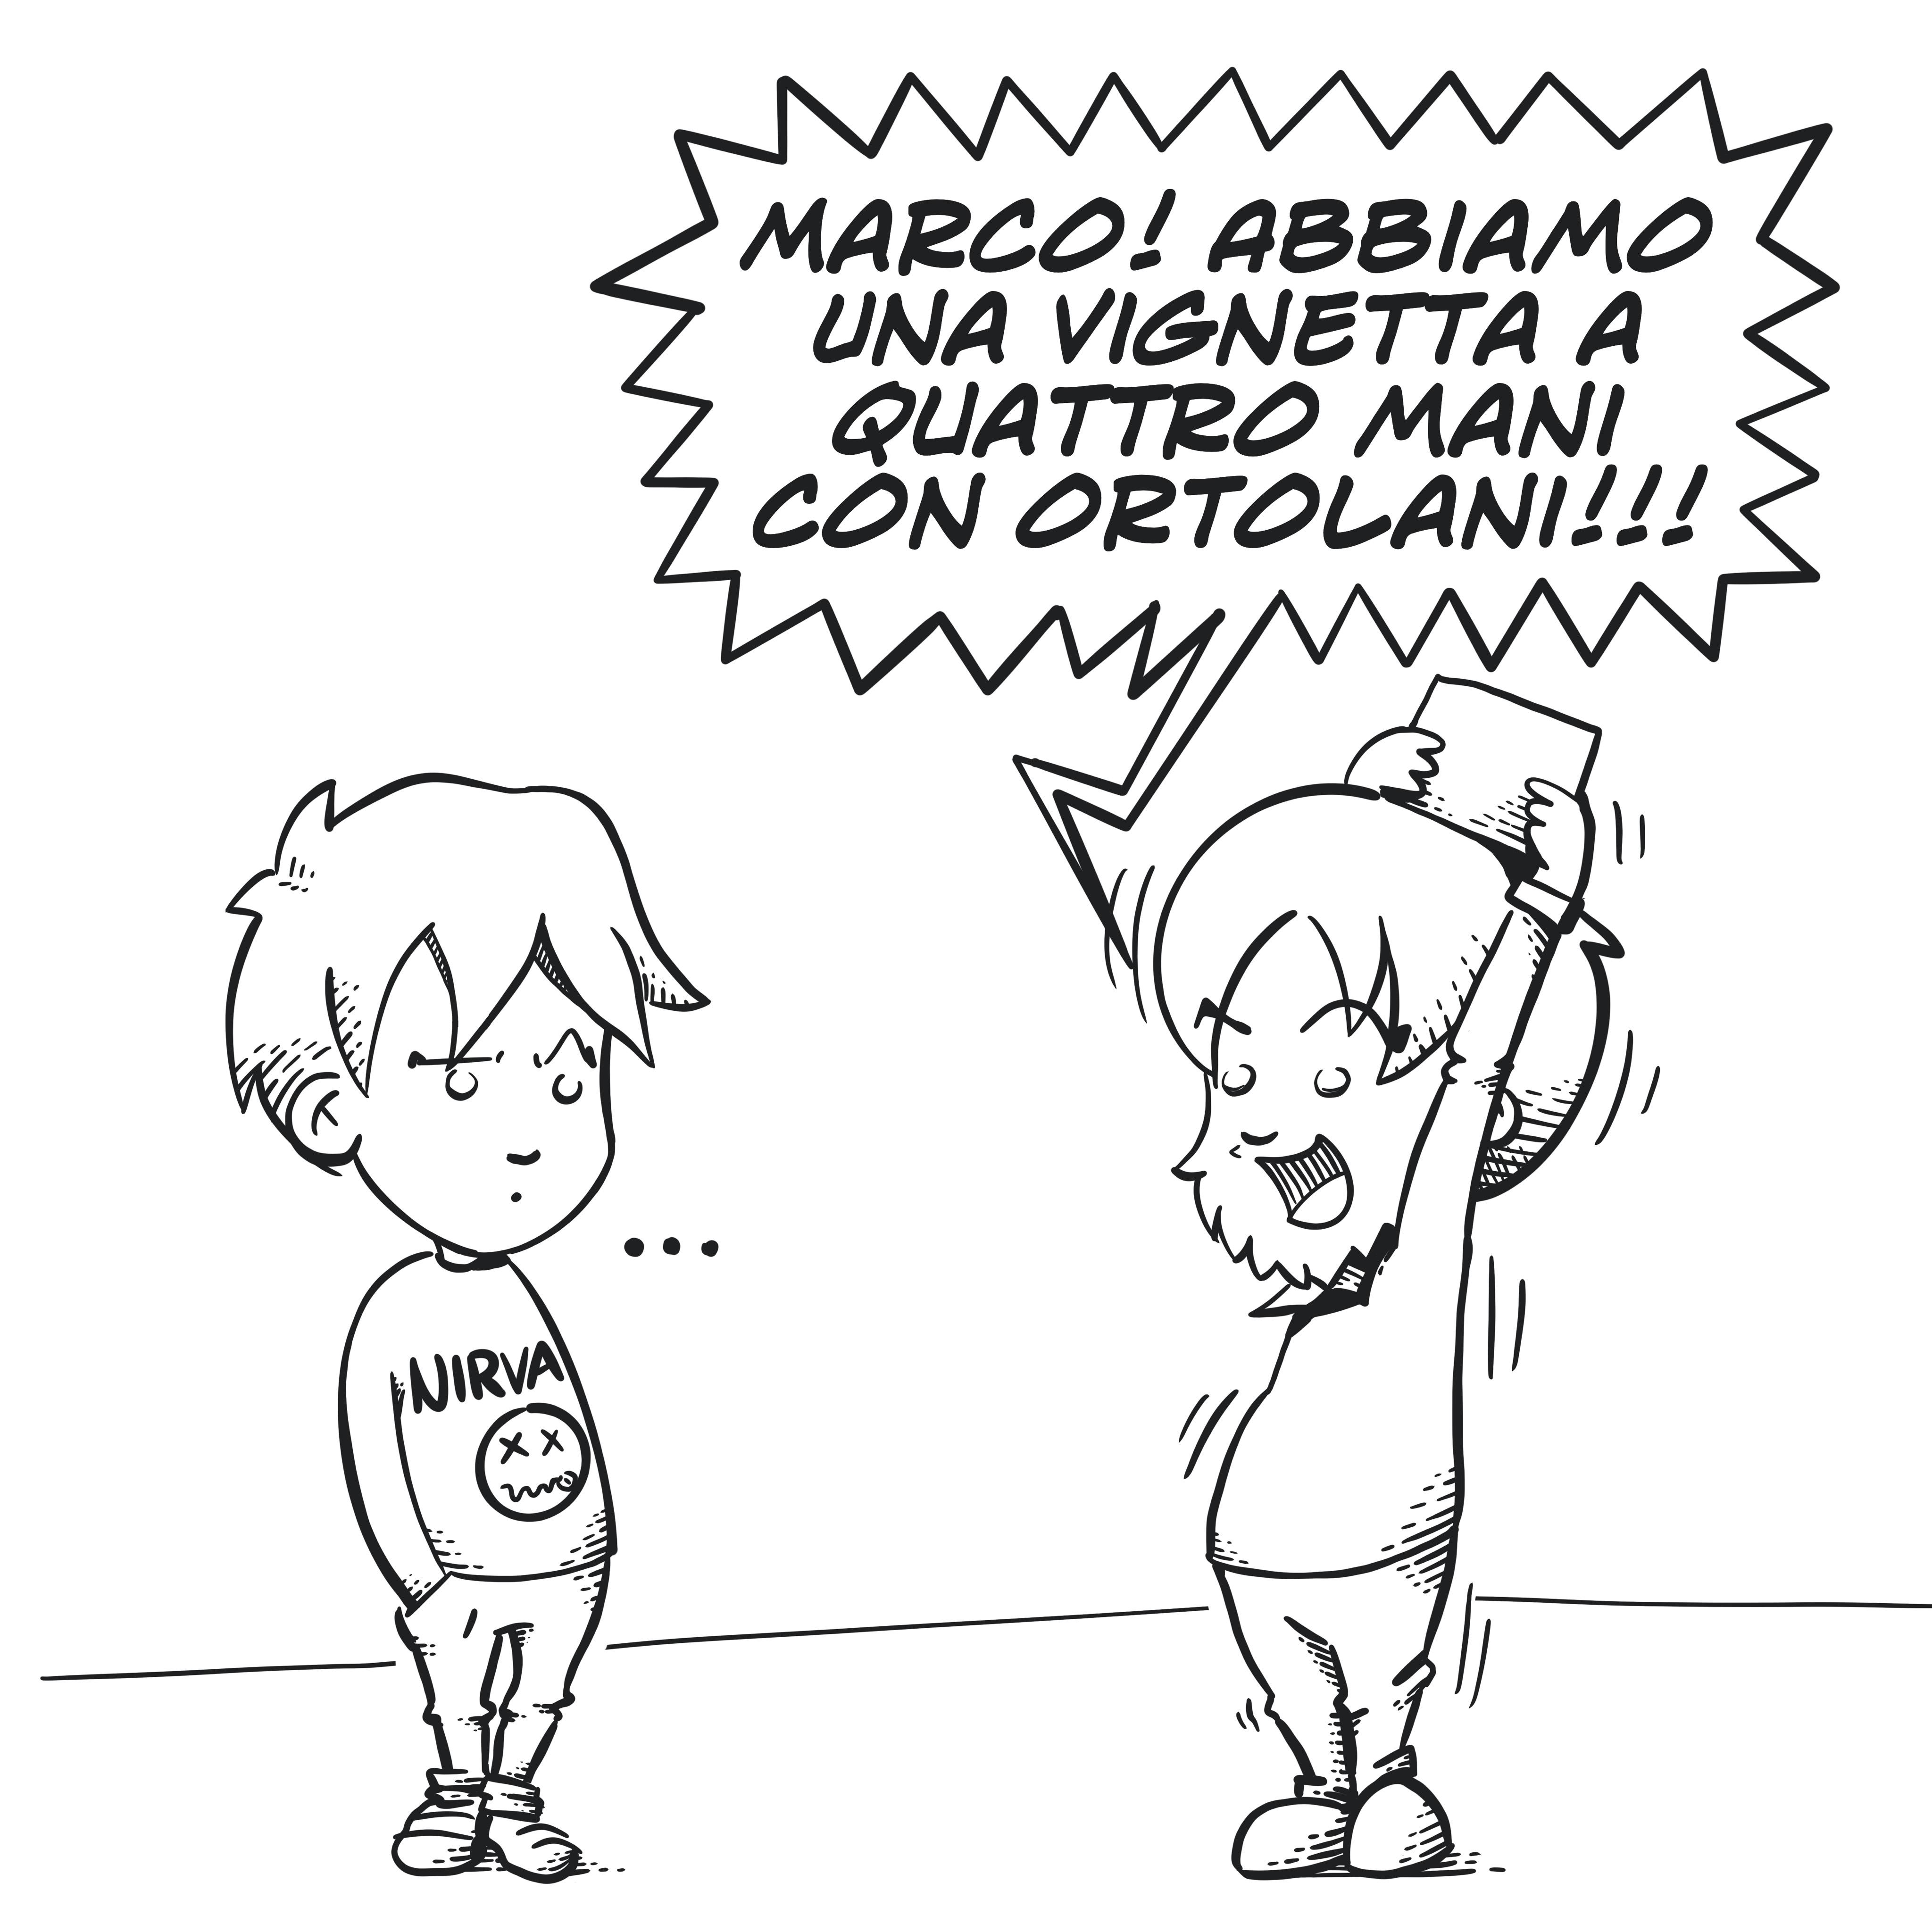 vignetta 03